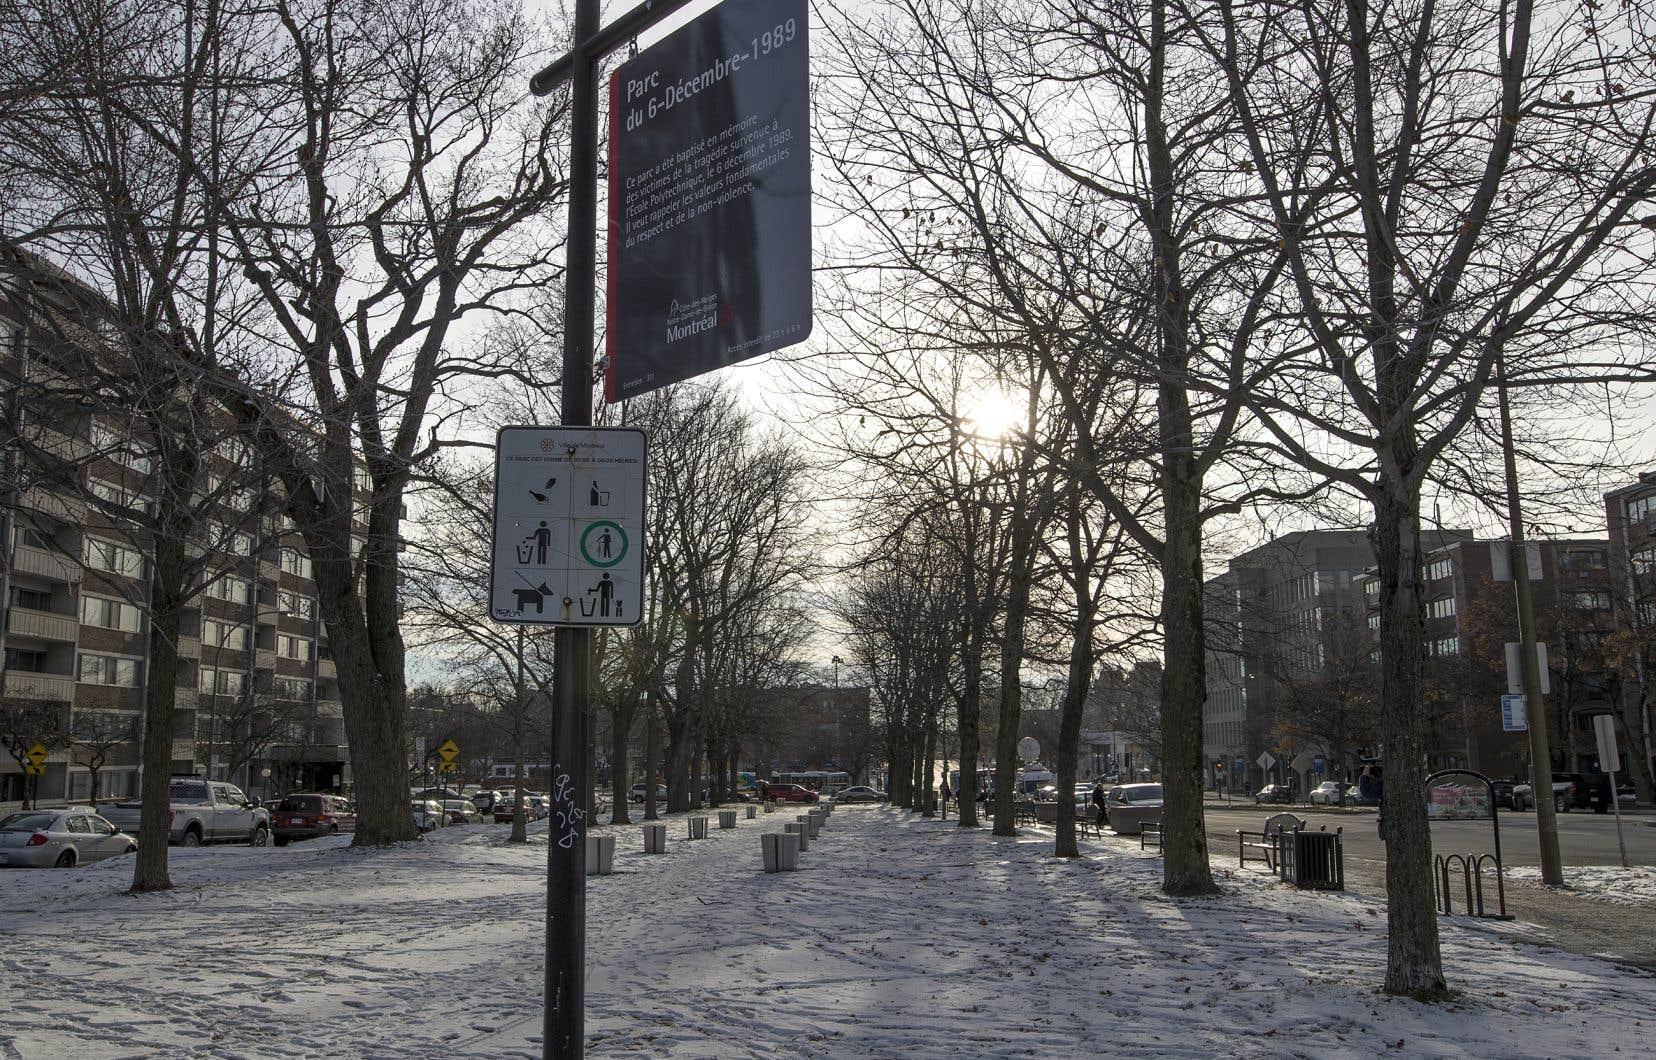 «Je pense que le juge a été troublé par le recours au symbole de Marc Lépine et Polytechnique», a réagiSandrine Ricci. Un parc a été baptisé Parc du 6-décembre-1989 en hommage aux victimes de la tragédie survenue à Polytechnique.